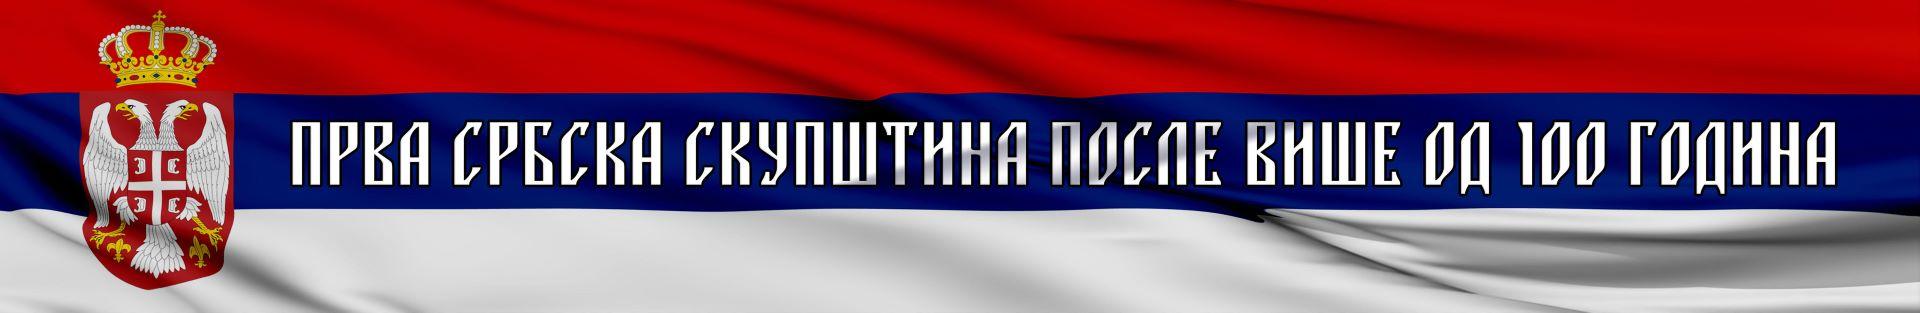 Насловна Застава Србије